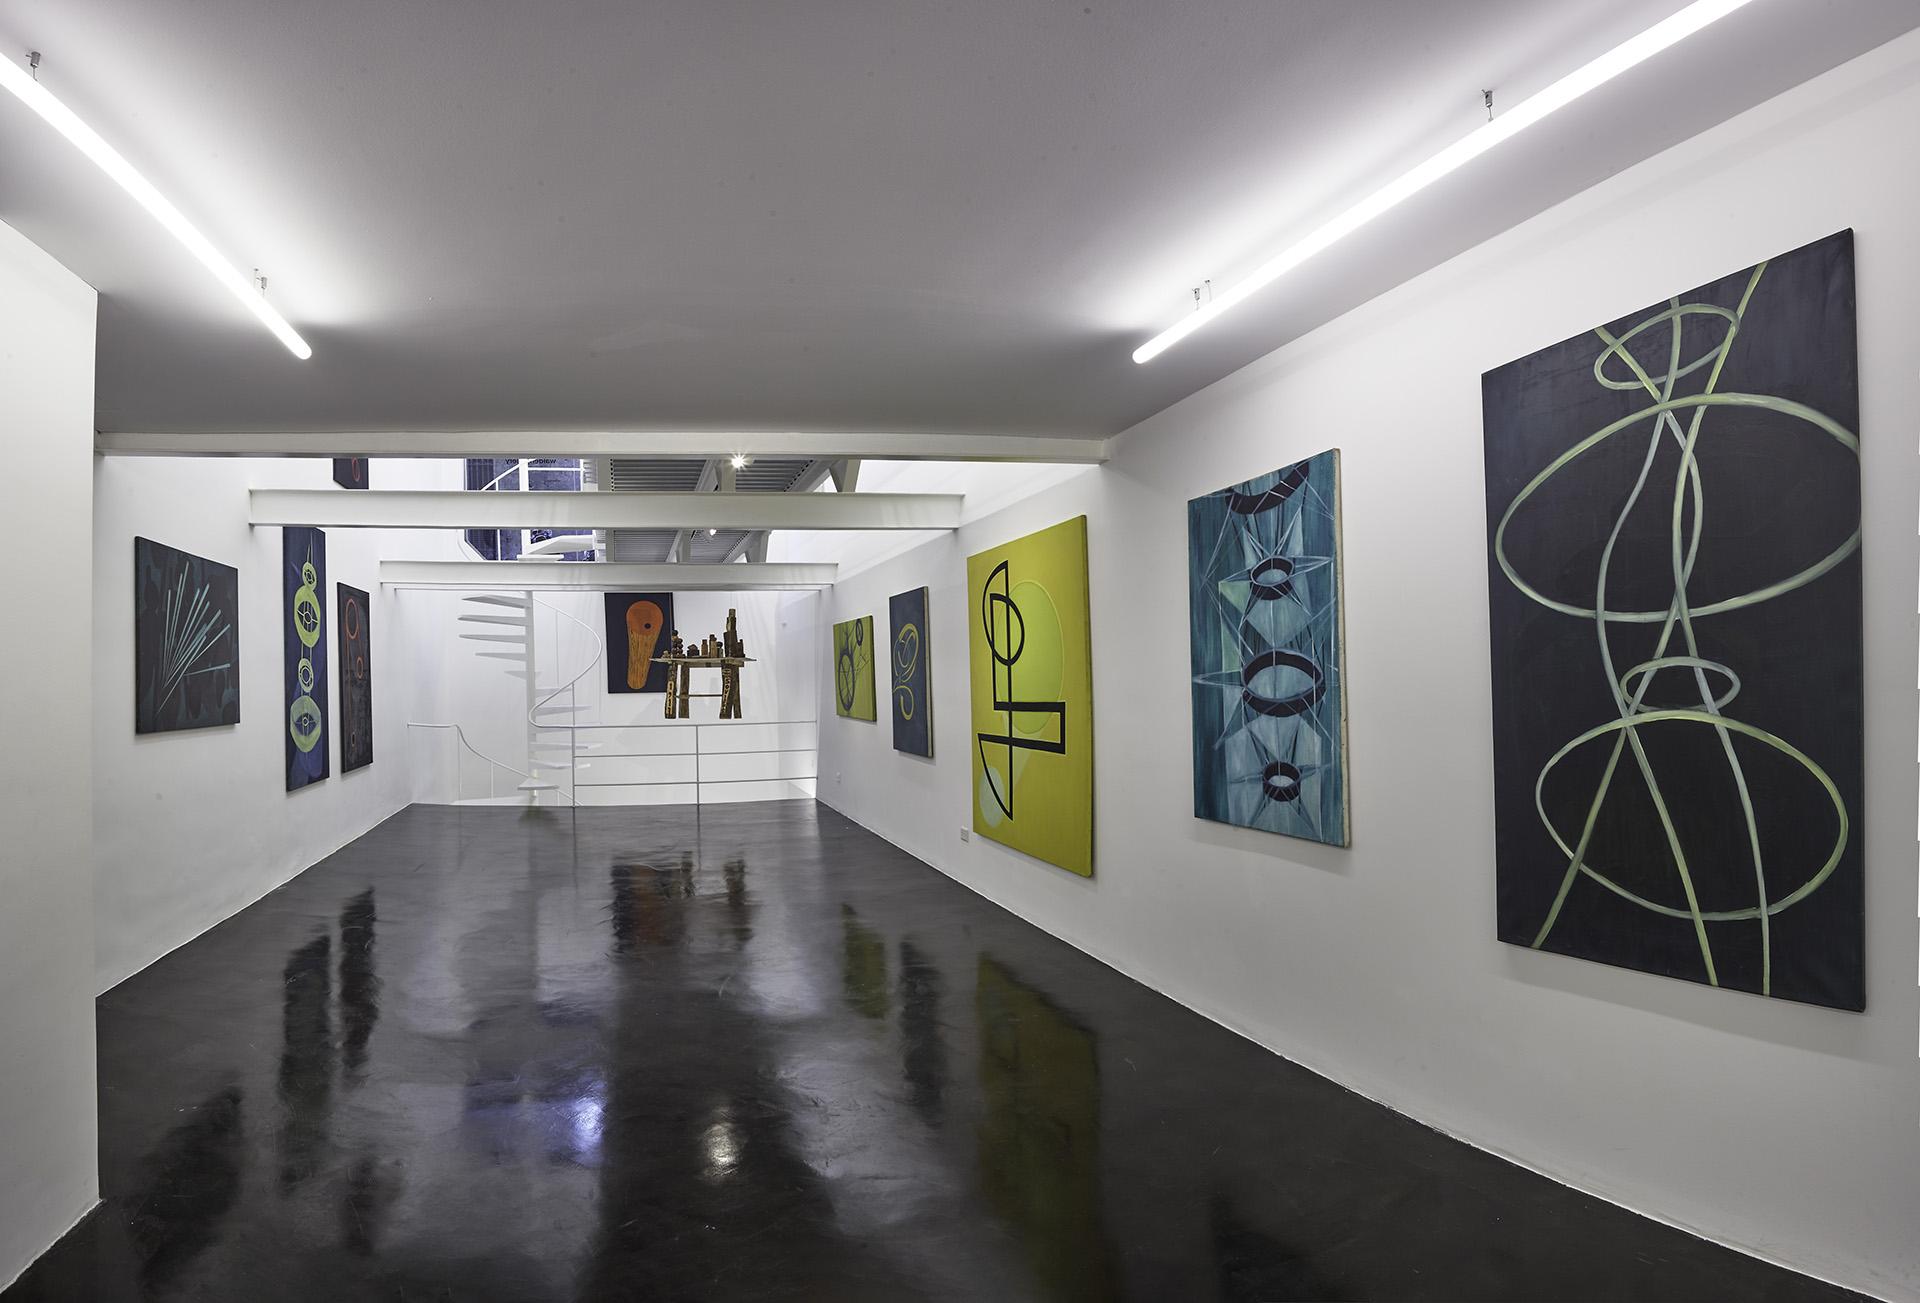 """waldengallery presentó la primera exposición individual de Magdalena Jitrik en la galería. Bajo el título """"La superación de la guerra"""", está compuesta por una selección de obras tanto recientes como de los años 90, período durante el cual participó del efervescente Centro Cultural Rojas y la Beca Kuitka"""